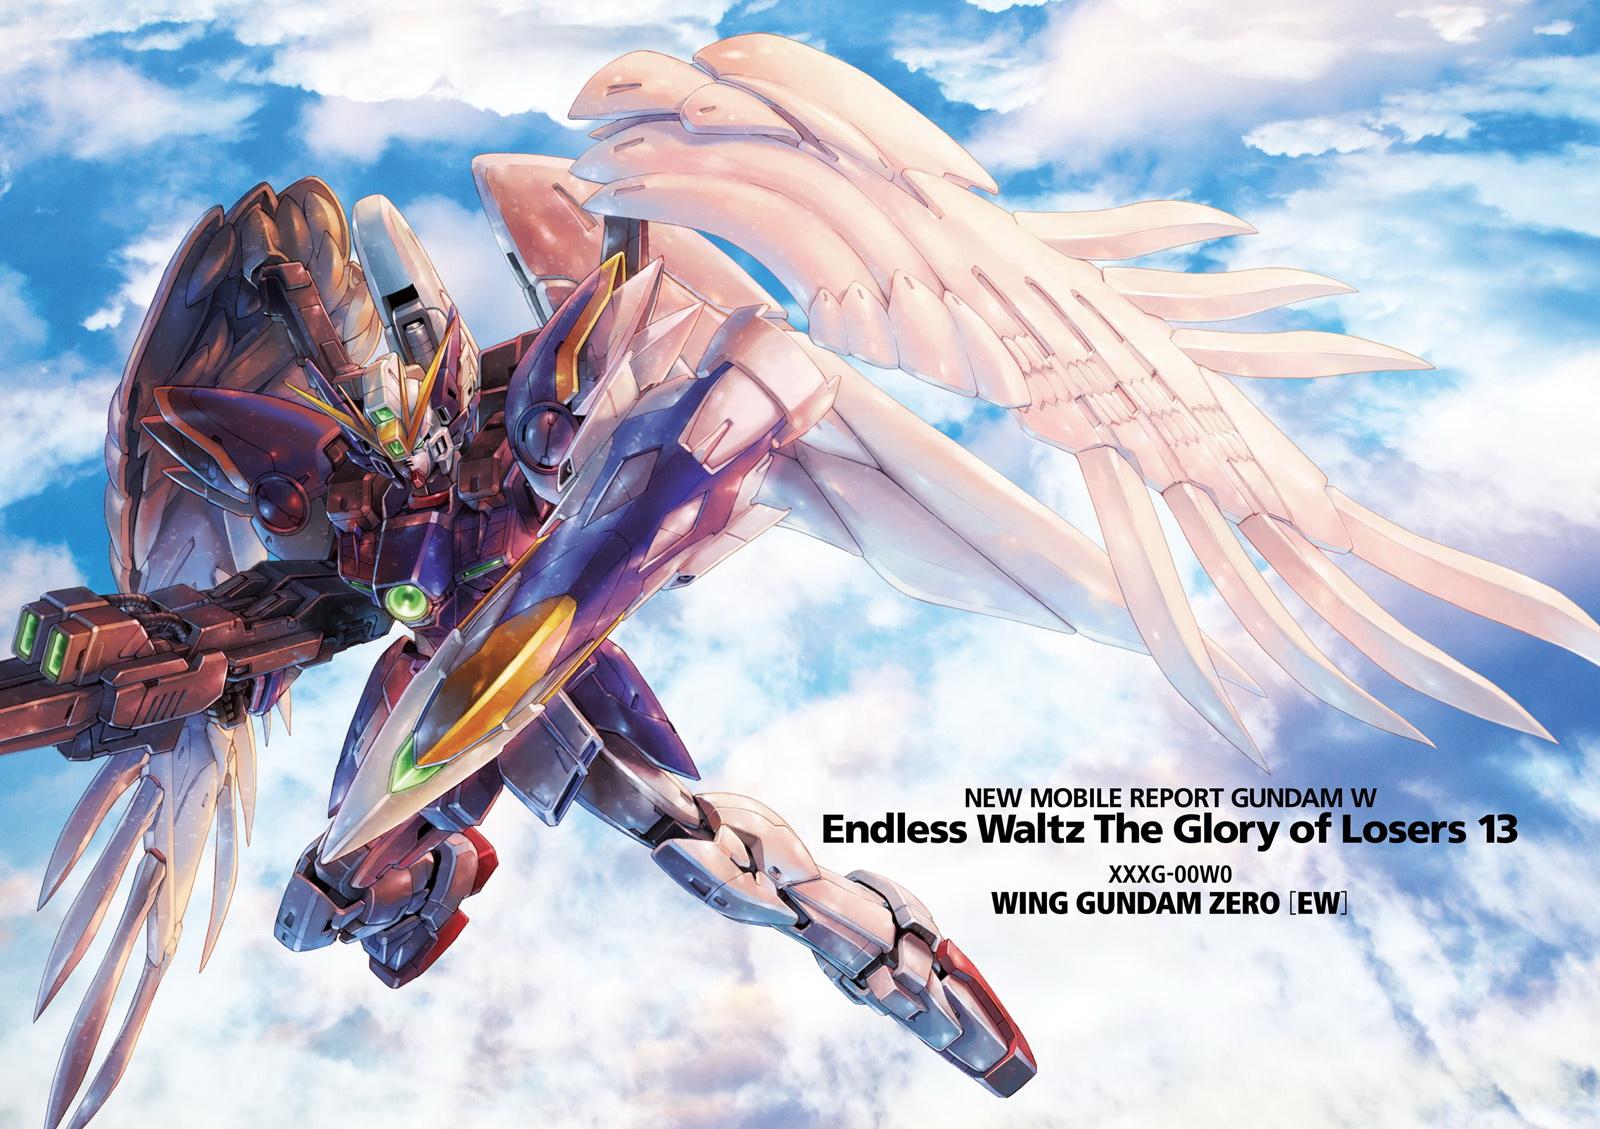 Wing Gundam Zero Neo Bird Mode Gundam Wing Endless Waltz Glory